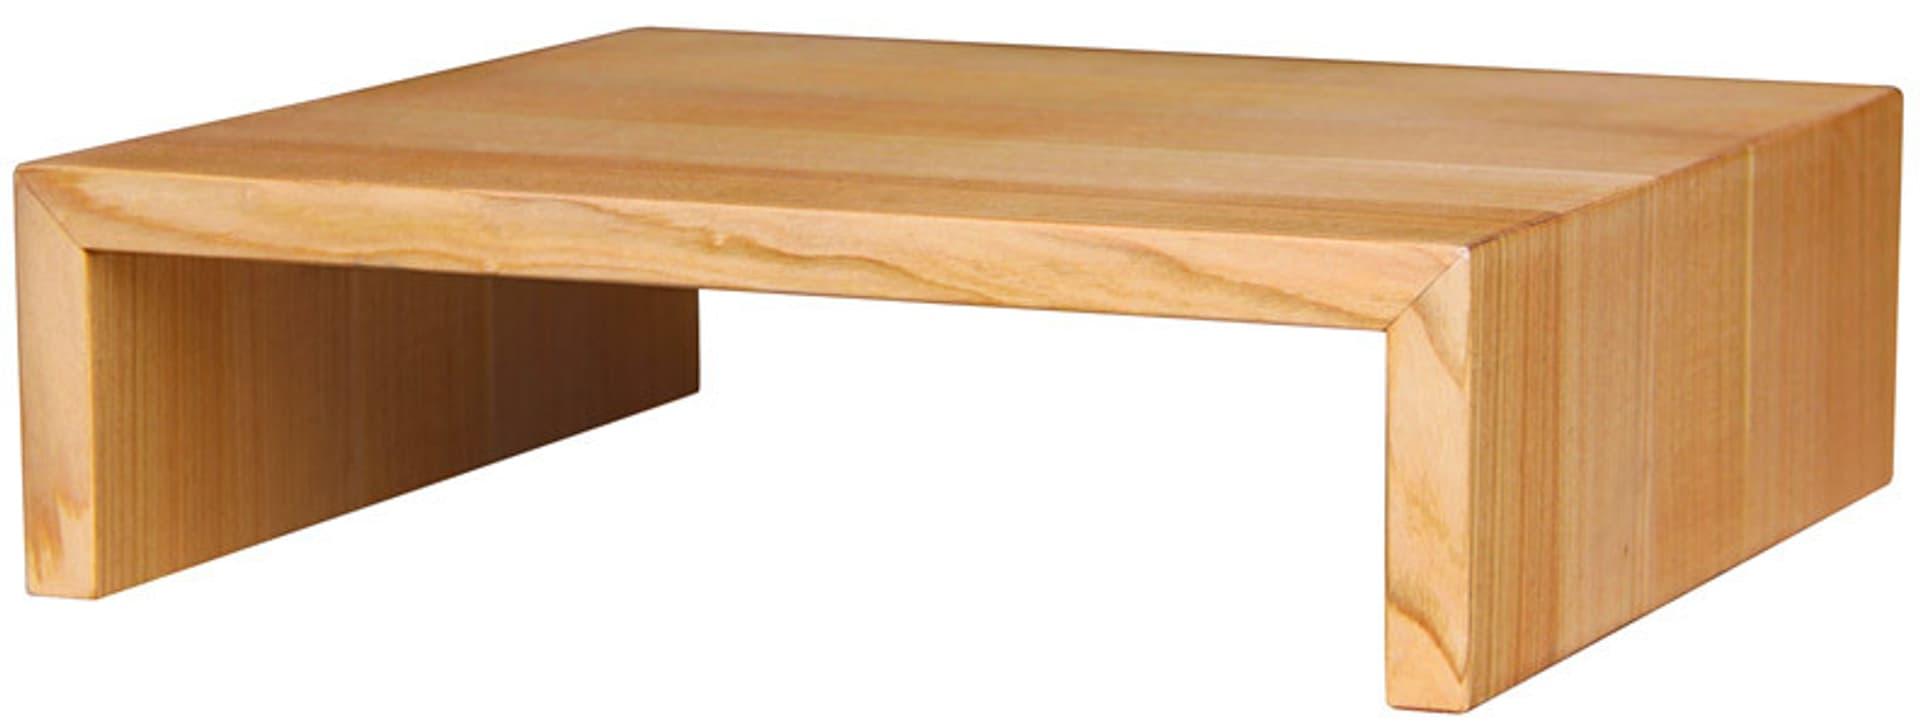 Fußbänkchen aus Holz